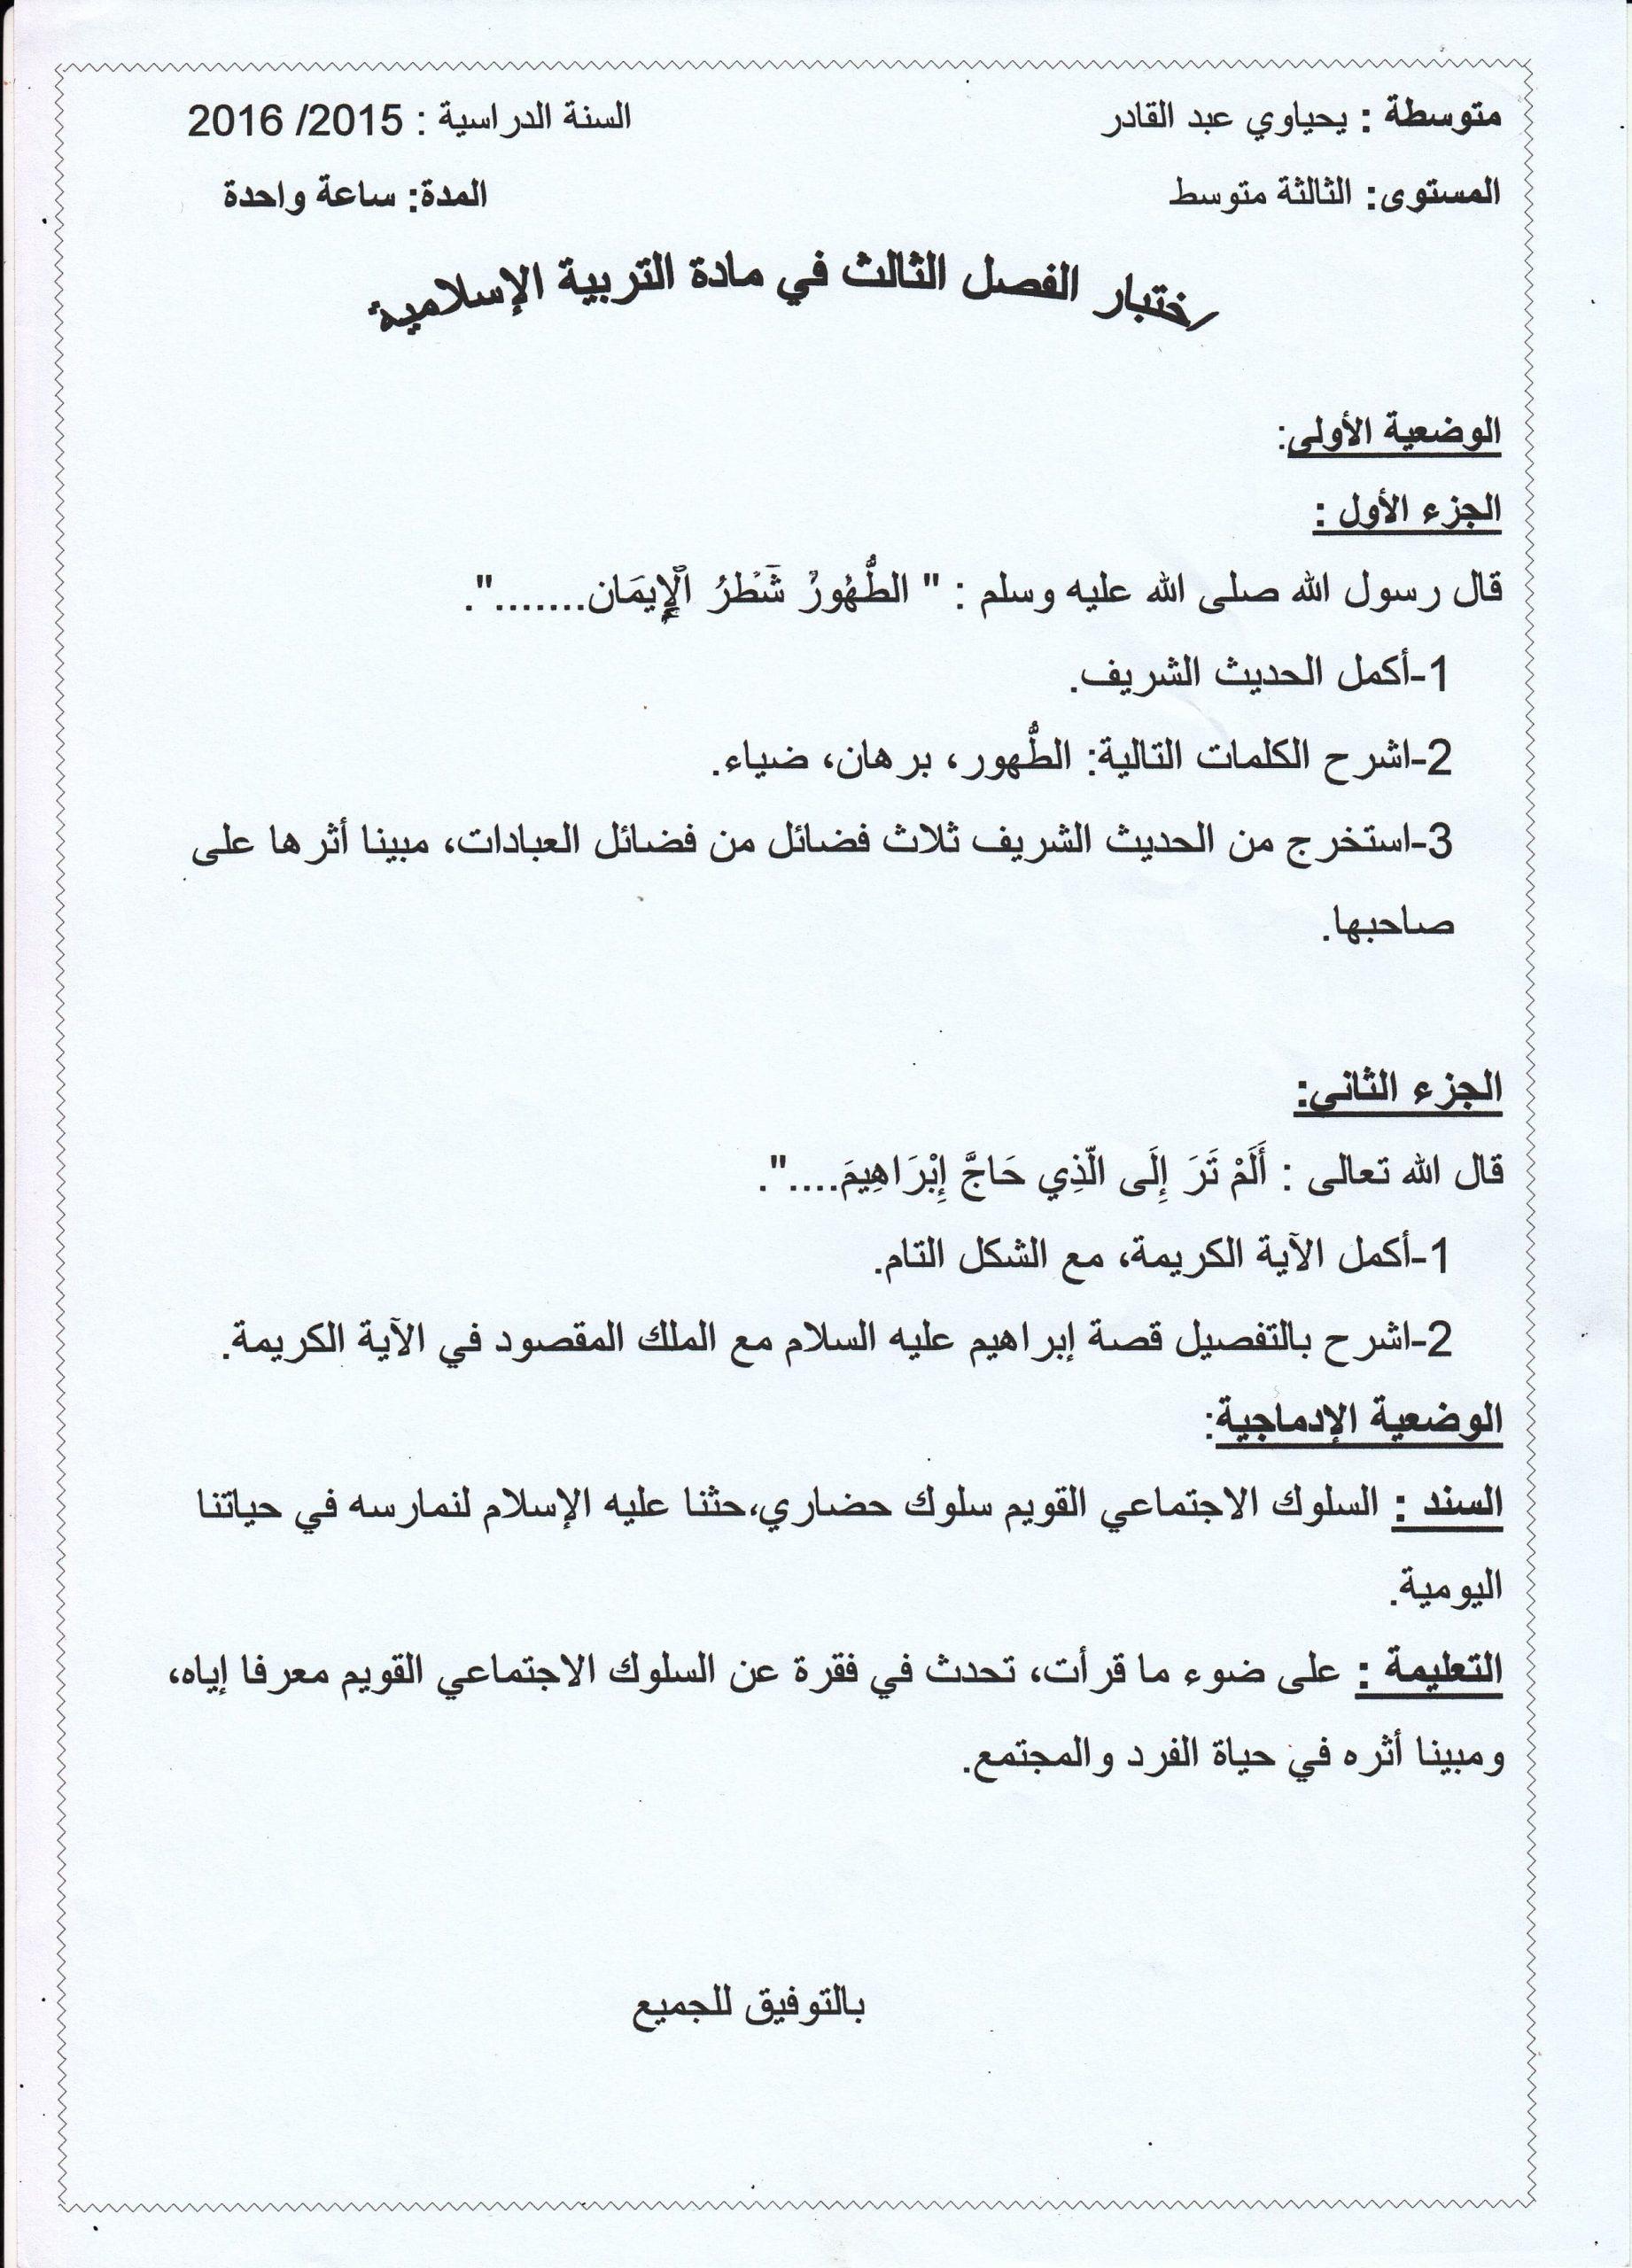 اختبار الفصل الثالث في التربية الاسلامية السنة الثالثة متوسط | الموضوع 04